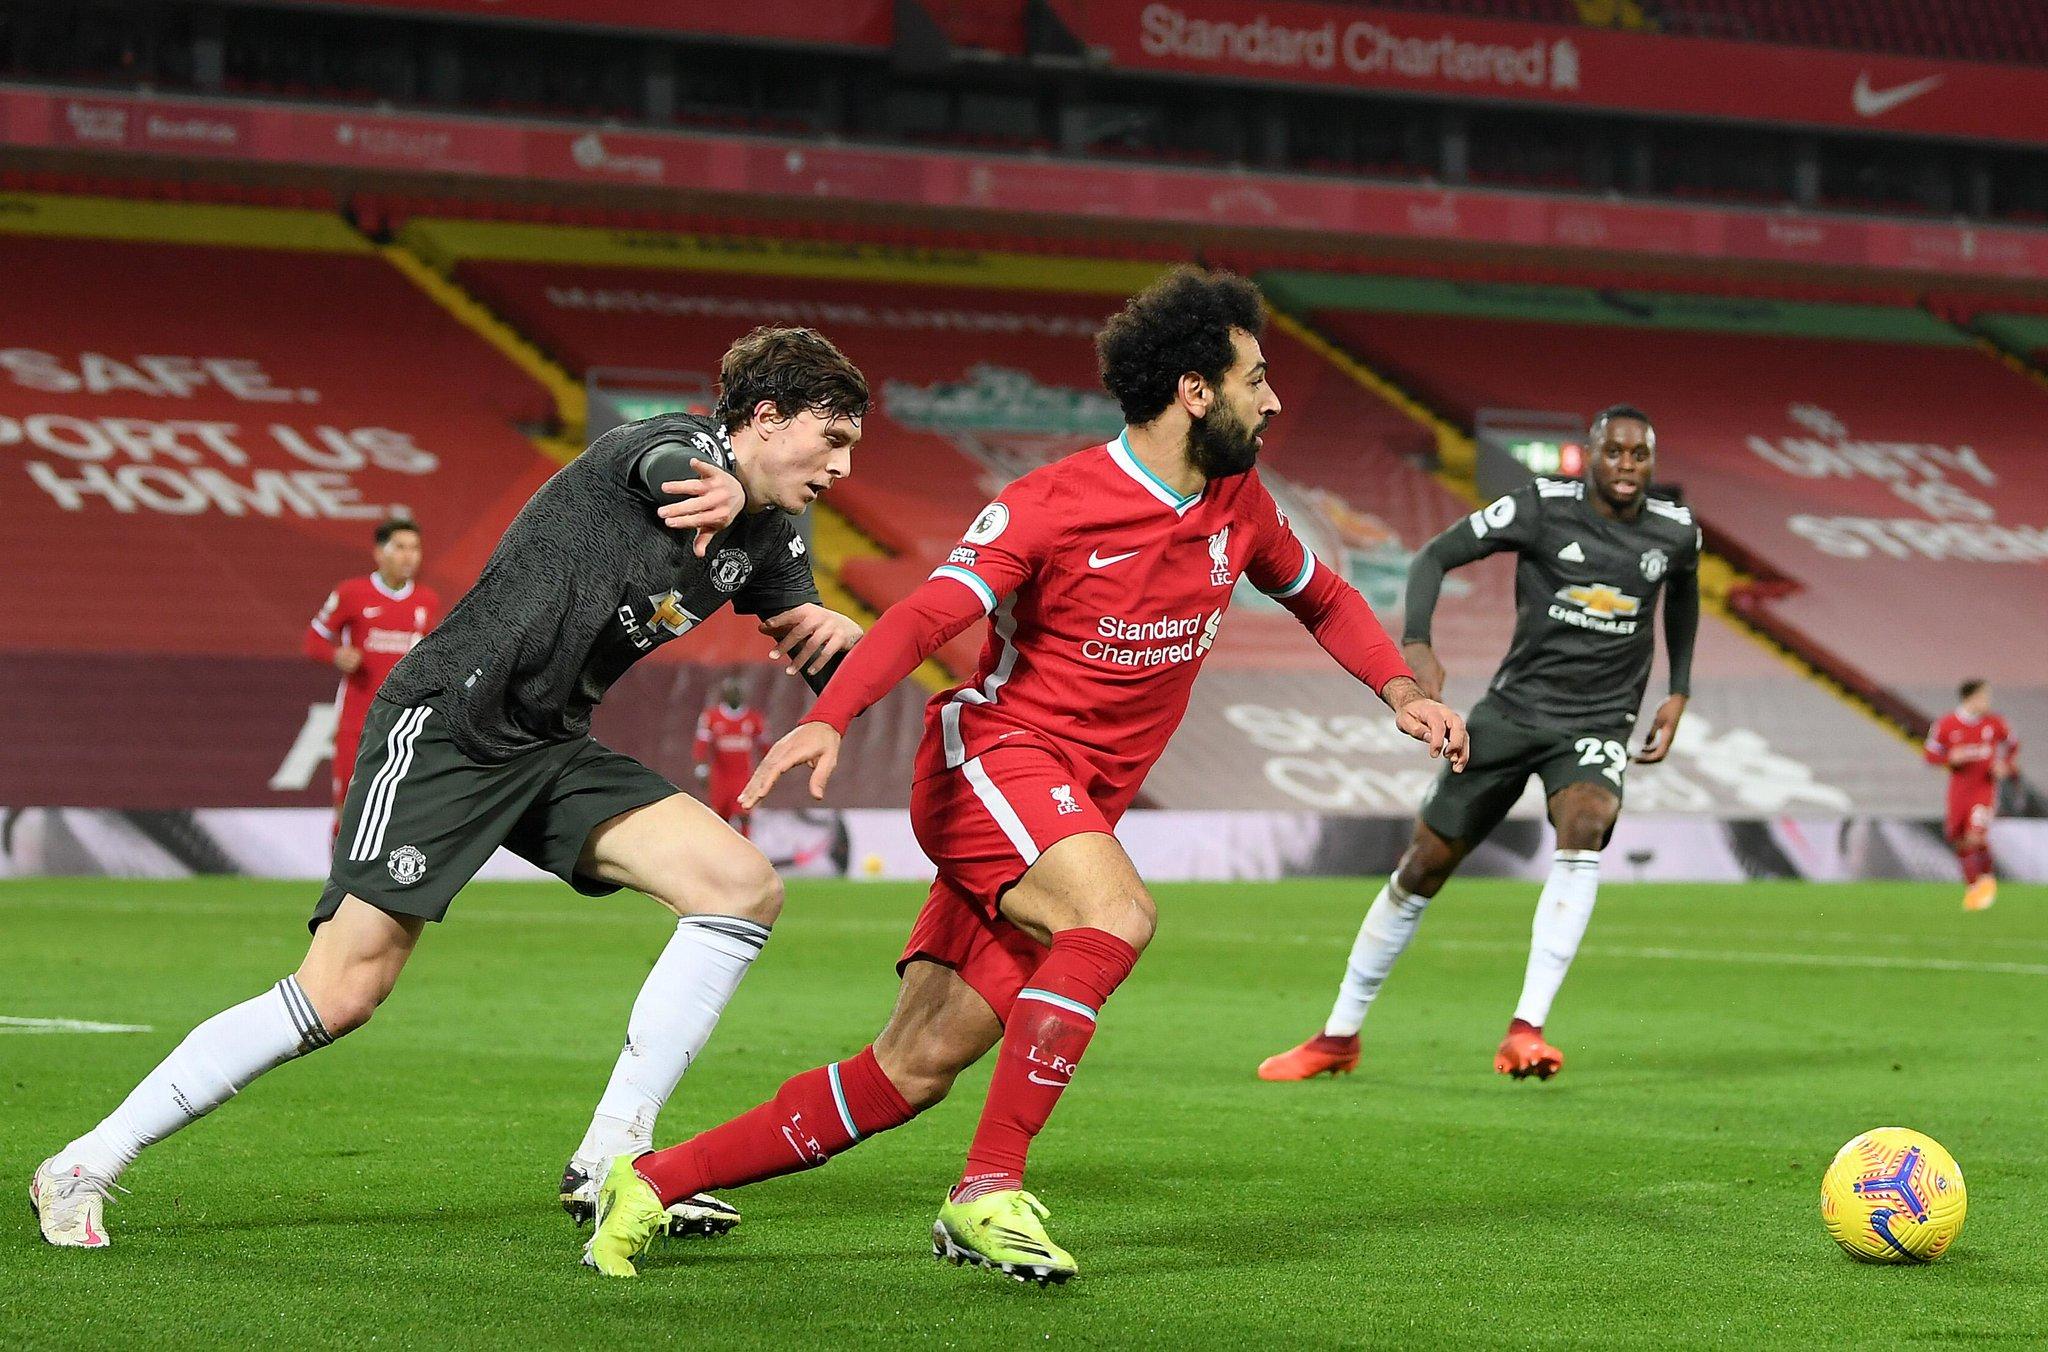 Manchester United décroche un nul à Liverpool après un match intense mais pauvre en occasions